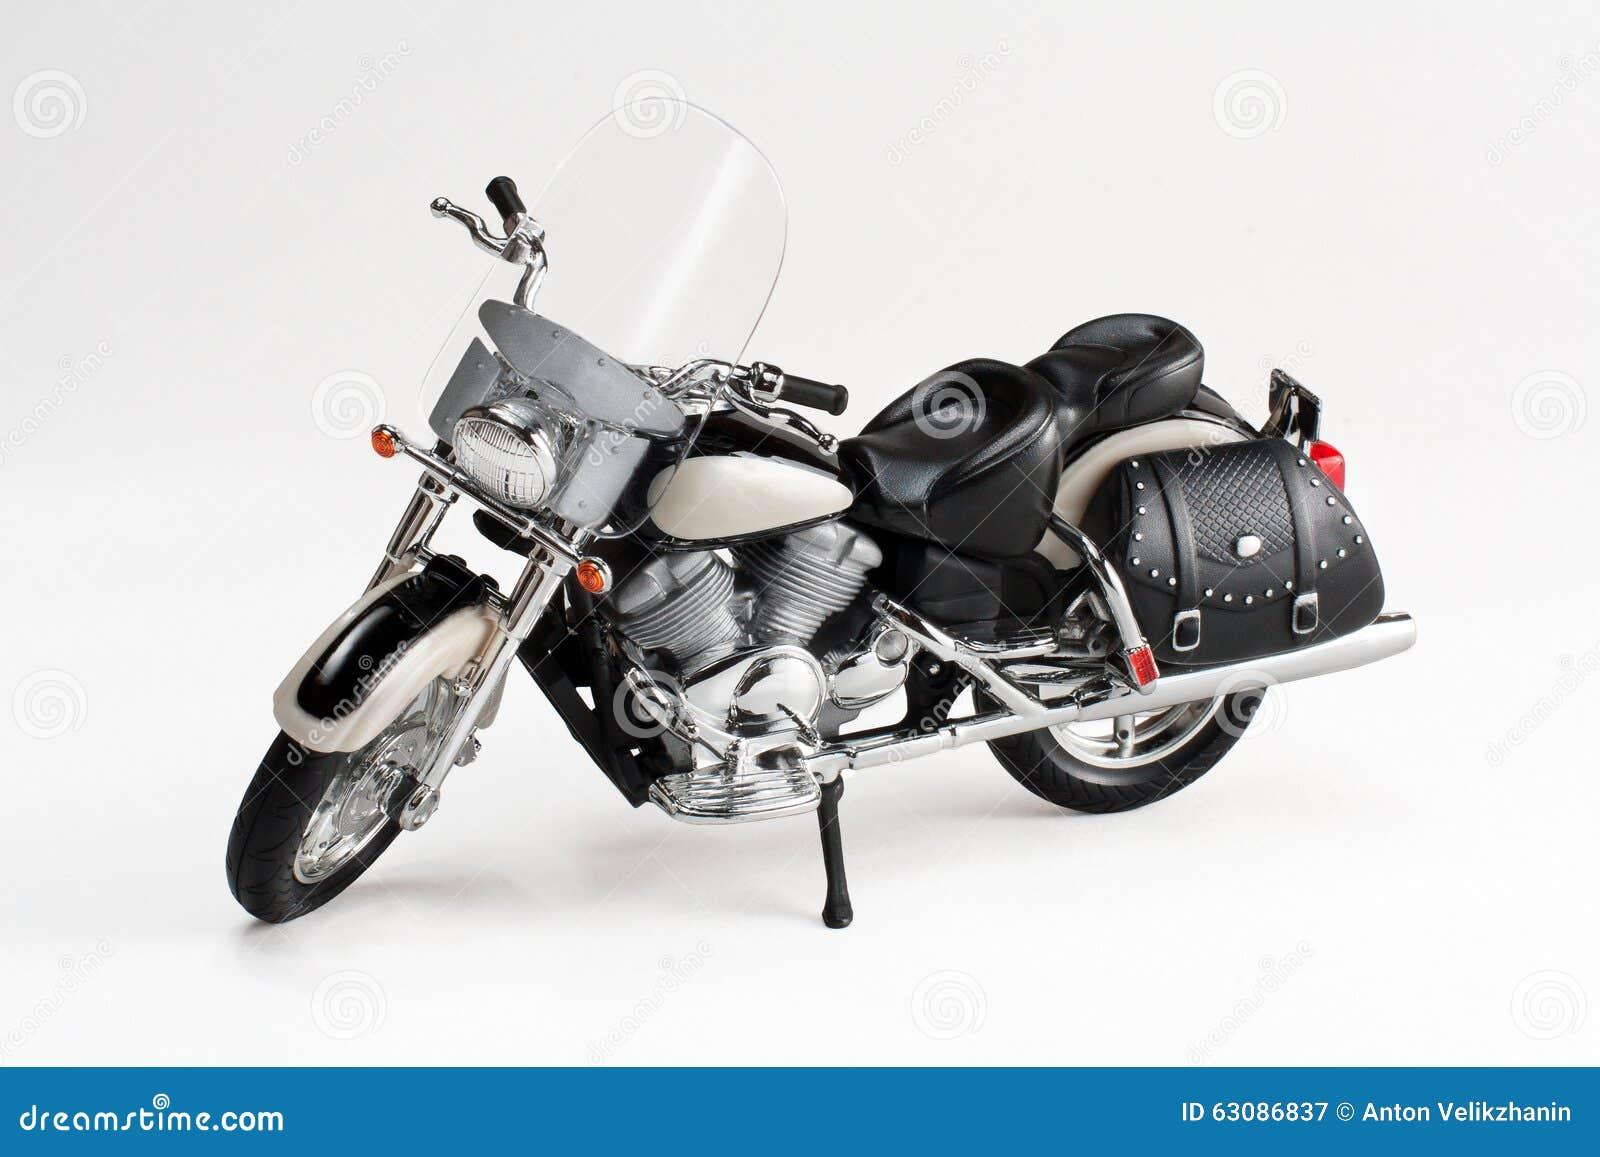 Download Motocyclette de jouet image stock. Image du jouet, cycle - 63086837